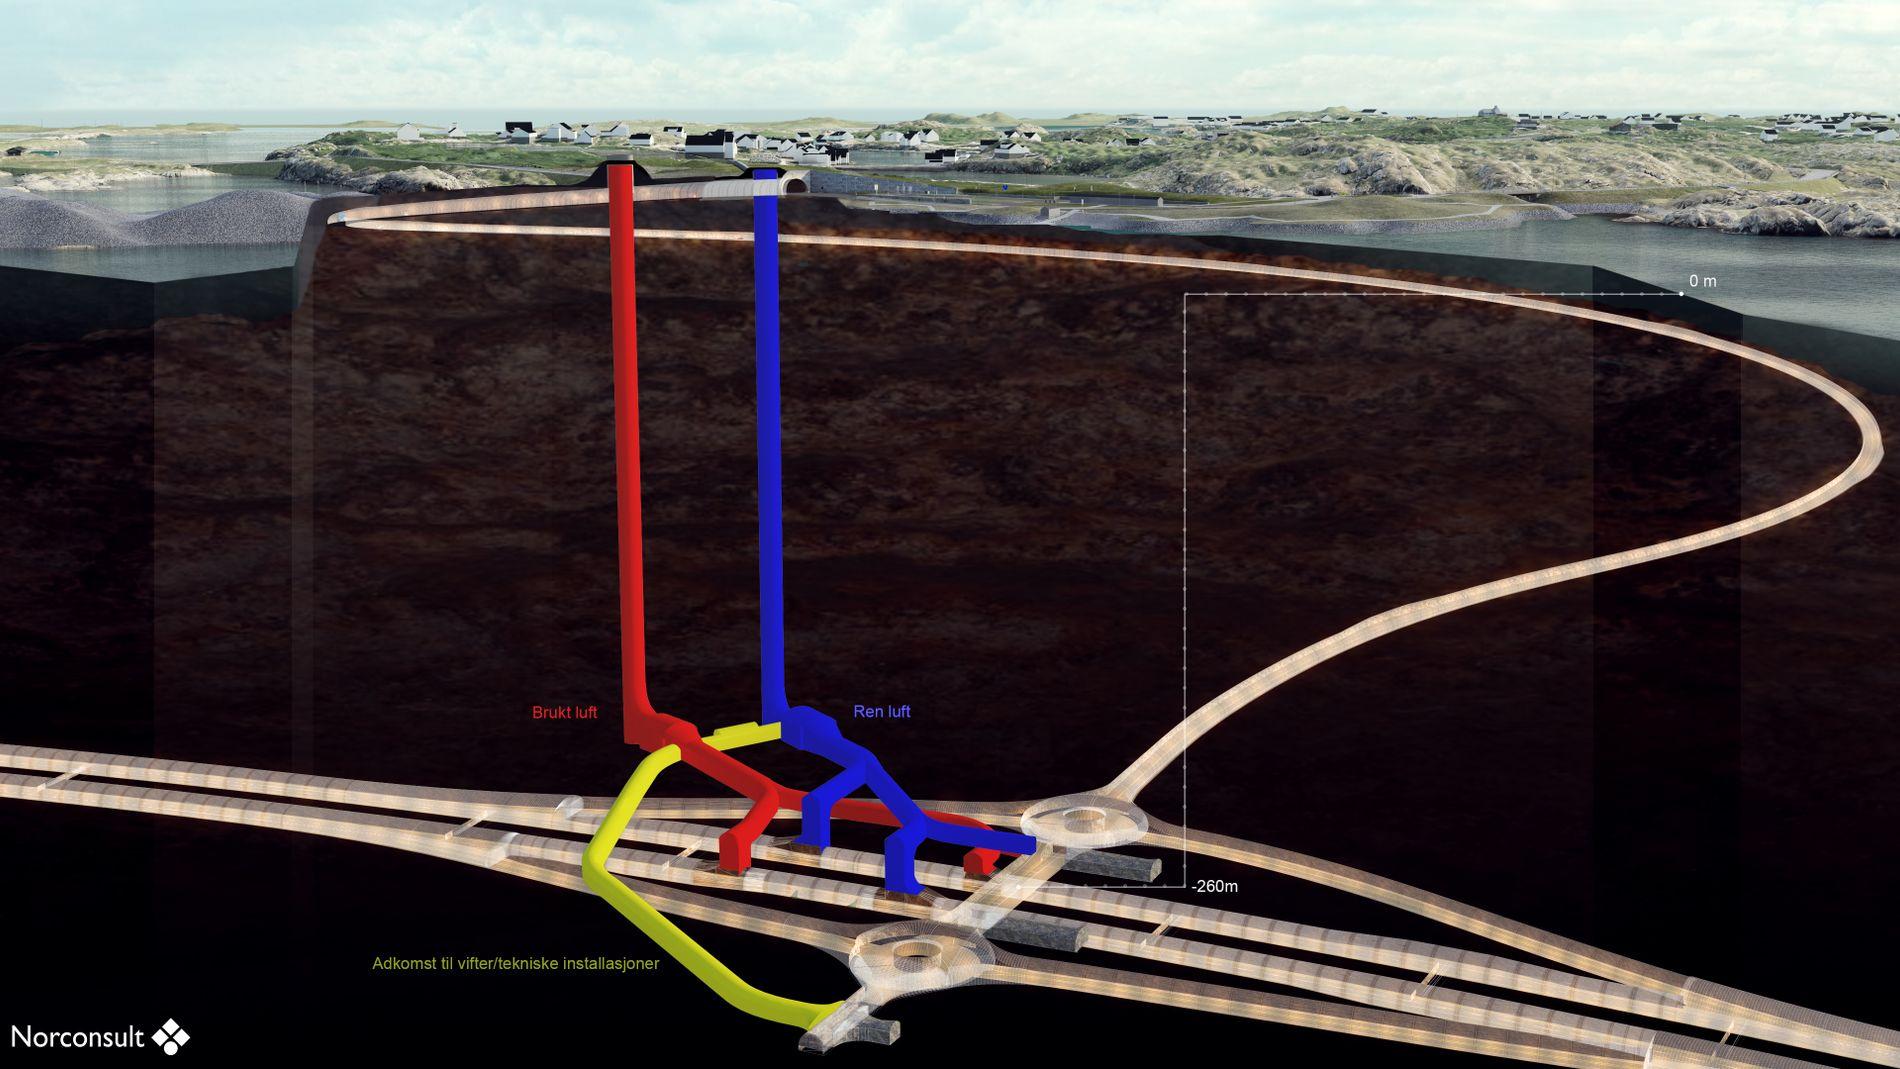 LUFT: Det røde røret transporterer ut brukt luft mens det blå pumper frisk luft 250 meter ned i tunnelen. Begge slusene har en diameter på hele 10 meter.